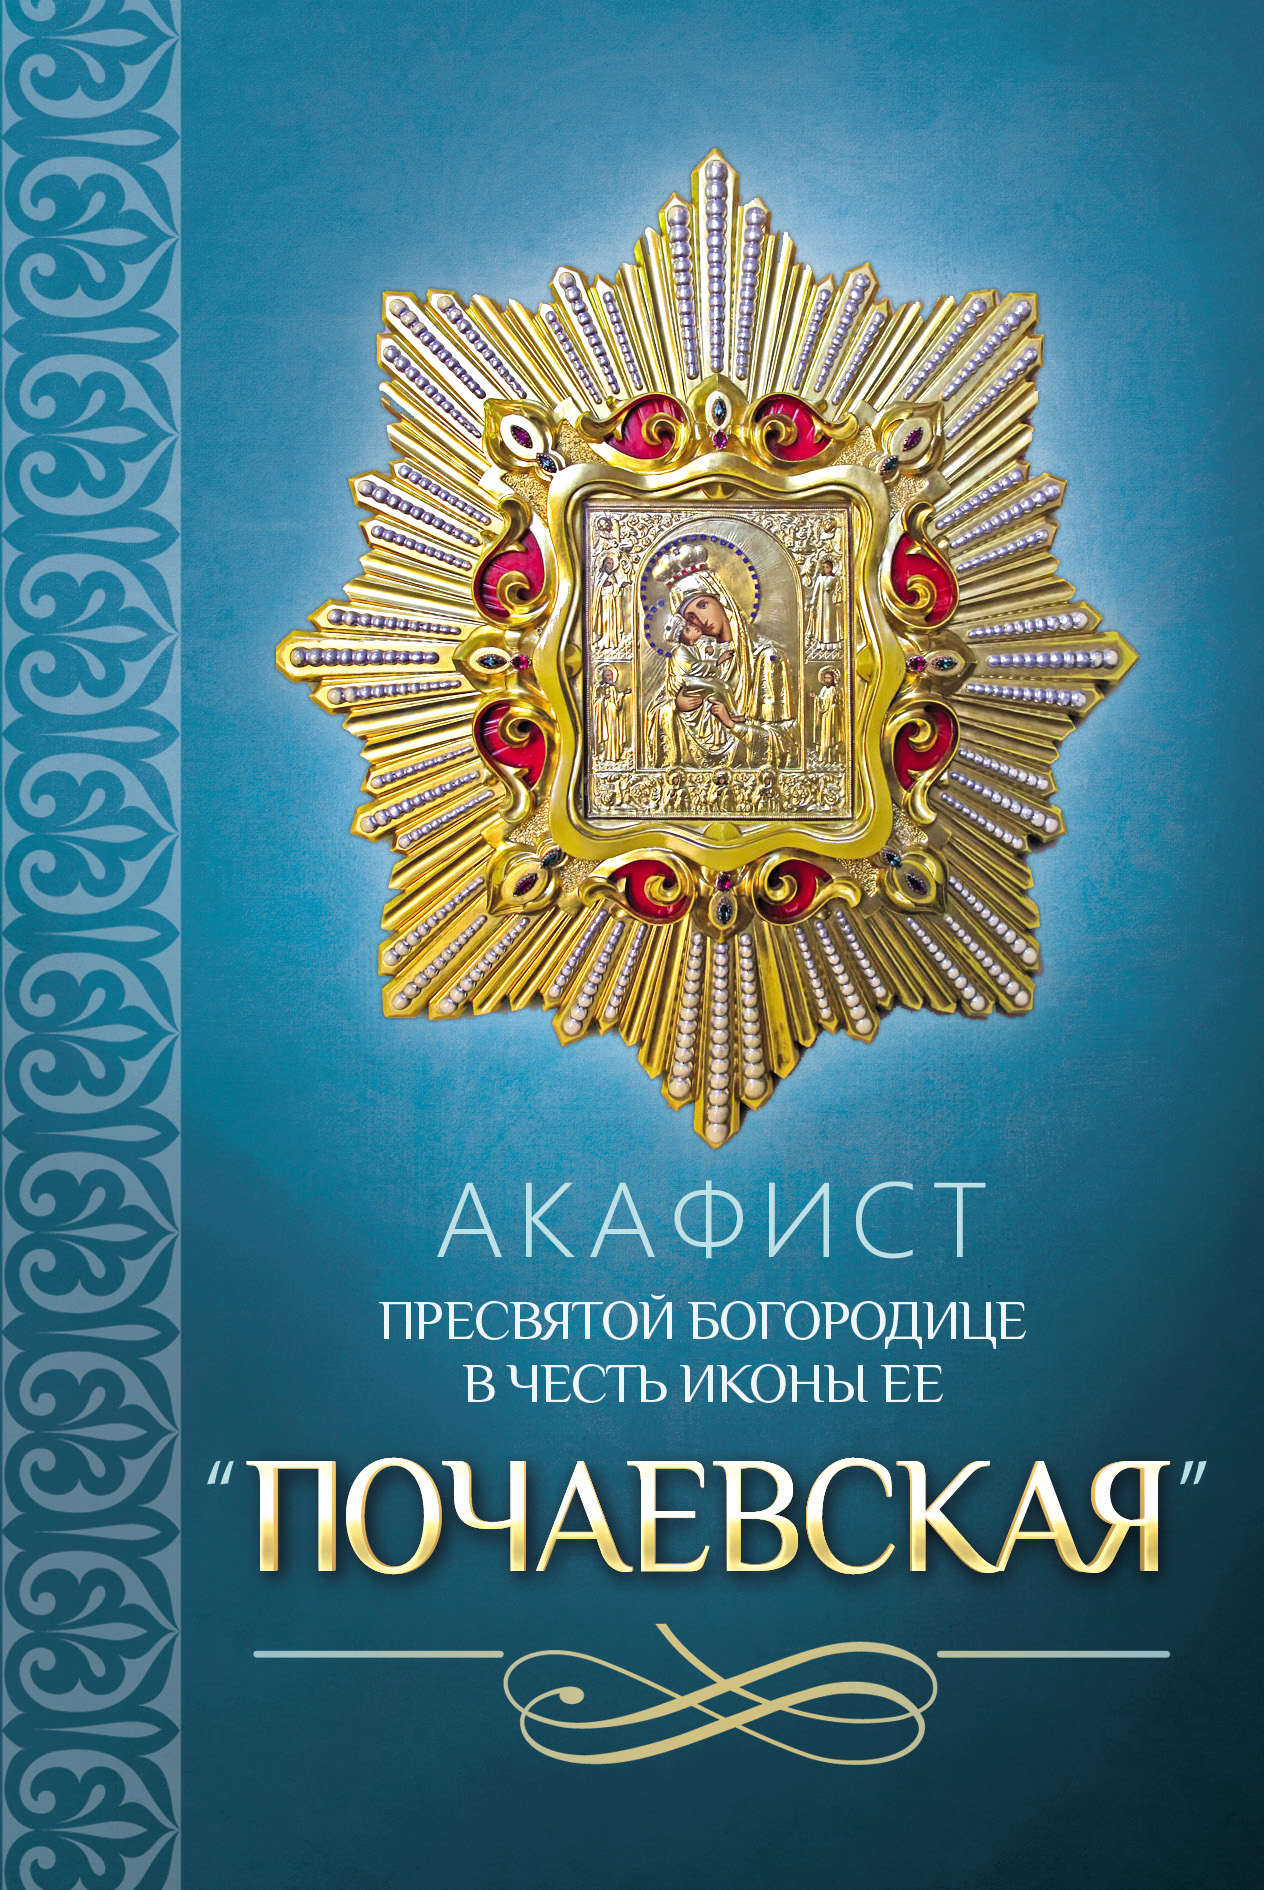 Акафист Пресвятой Богородице в честь иконы Ее «Почаевская»